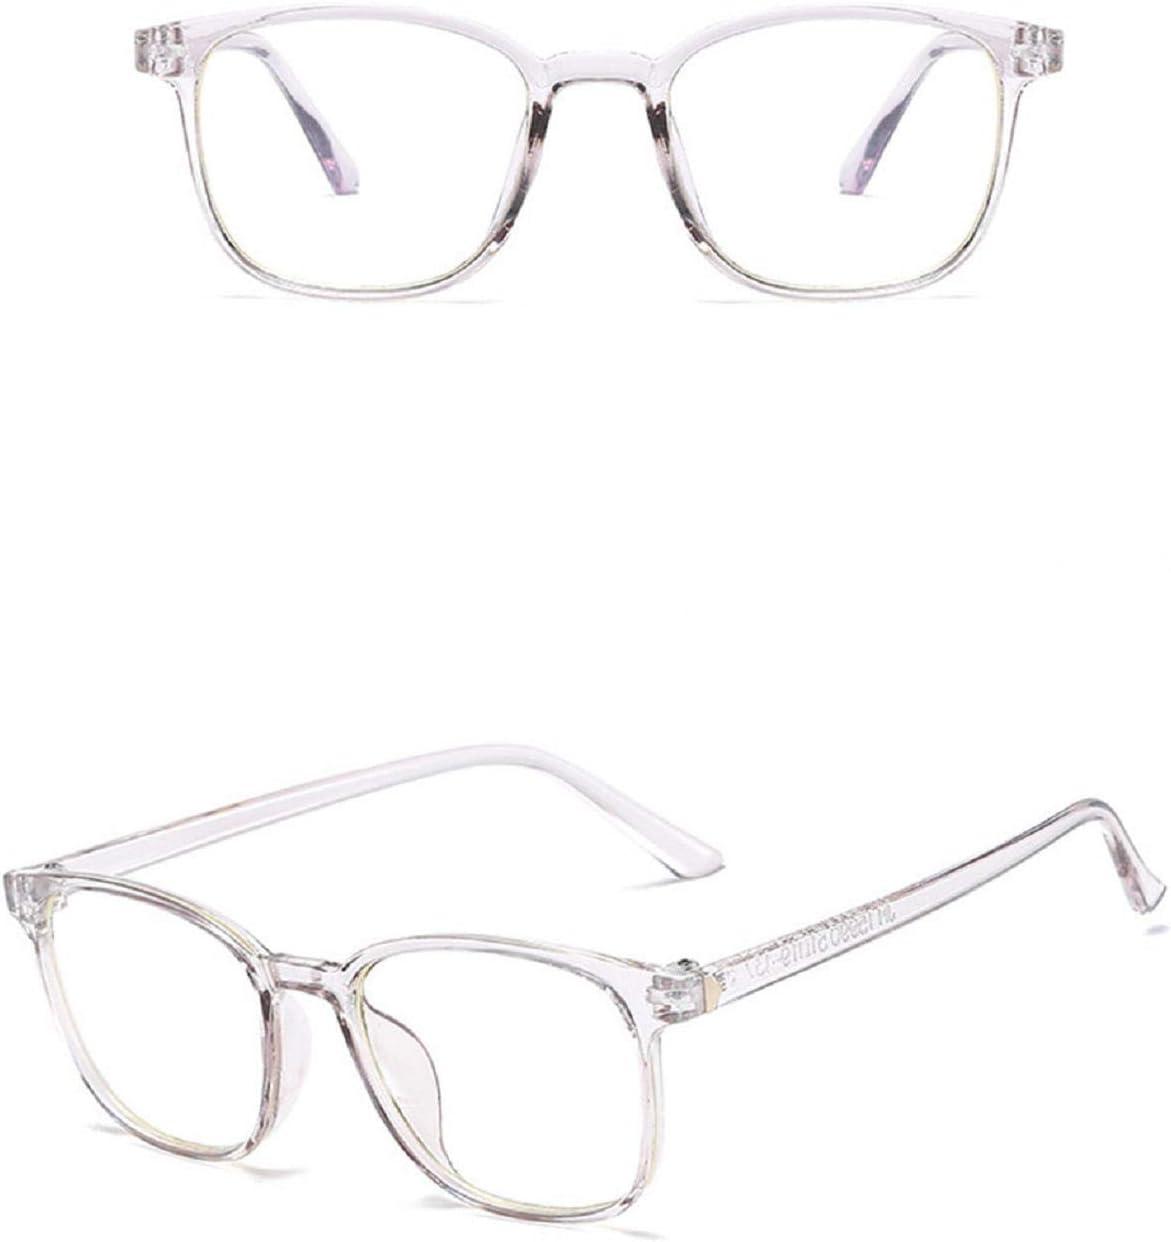 Koojawind/Occhiali da Vista a Luce Blu Occhiali da Vista a Nerd Quadrati Occhiali da Vista Anti Blu a Raggio Stile Designer Donn Uomini Unisex Leggere Leggerezza a Prova di Occhi Anti-Fatica